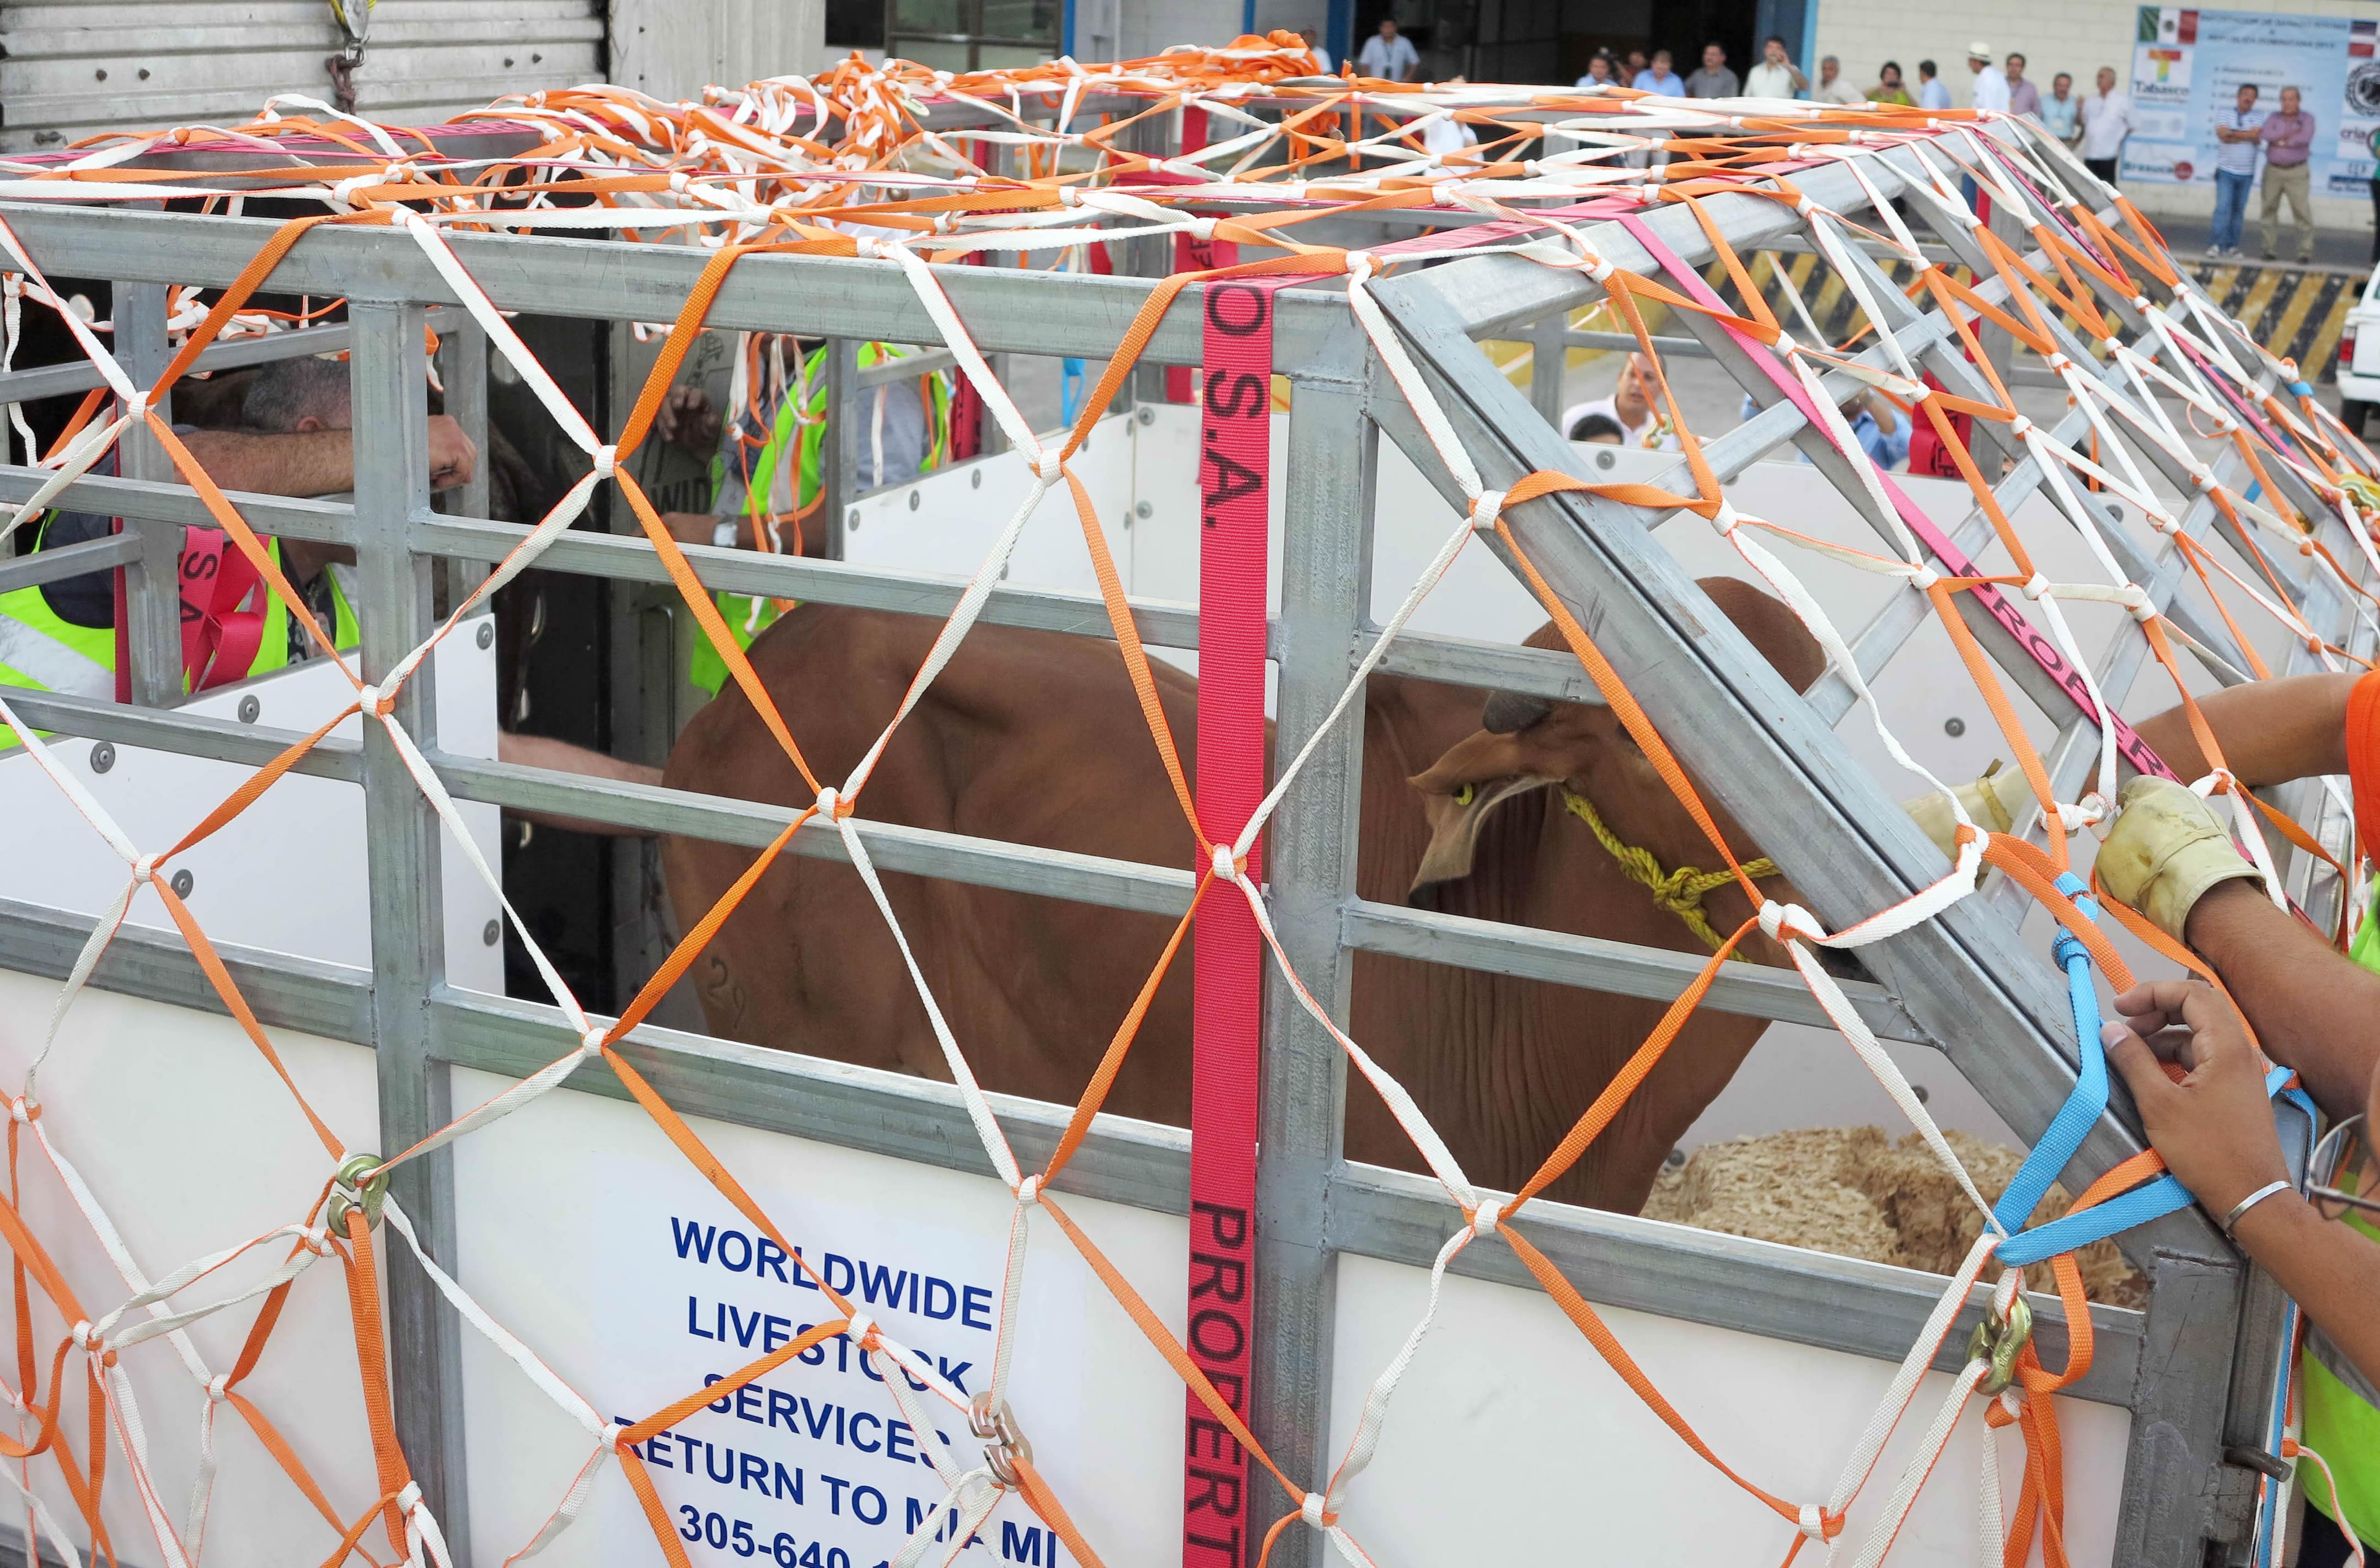 Al país caribeño fueron enviados 108 cabezas de ganado en pie de razas cebuinas, Girolando y Brangus, criados en los estados de Tabasco y Campeche, que servirán para mejorar la genética del ganado.